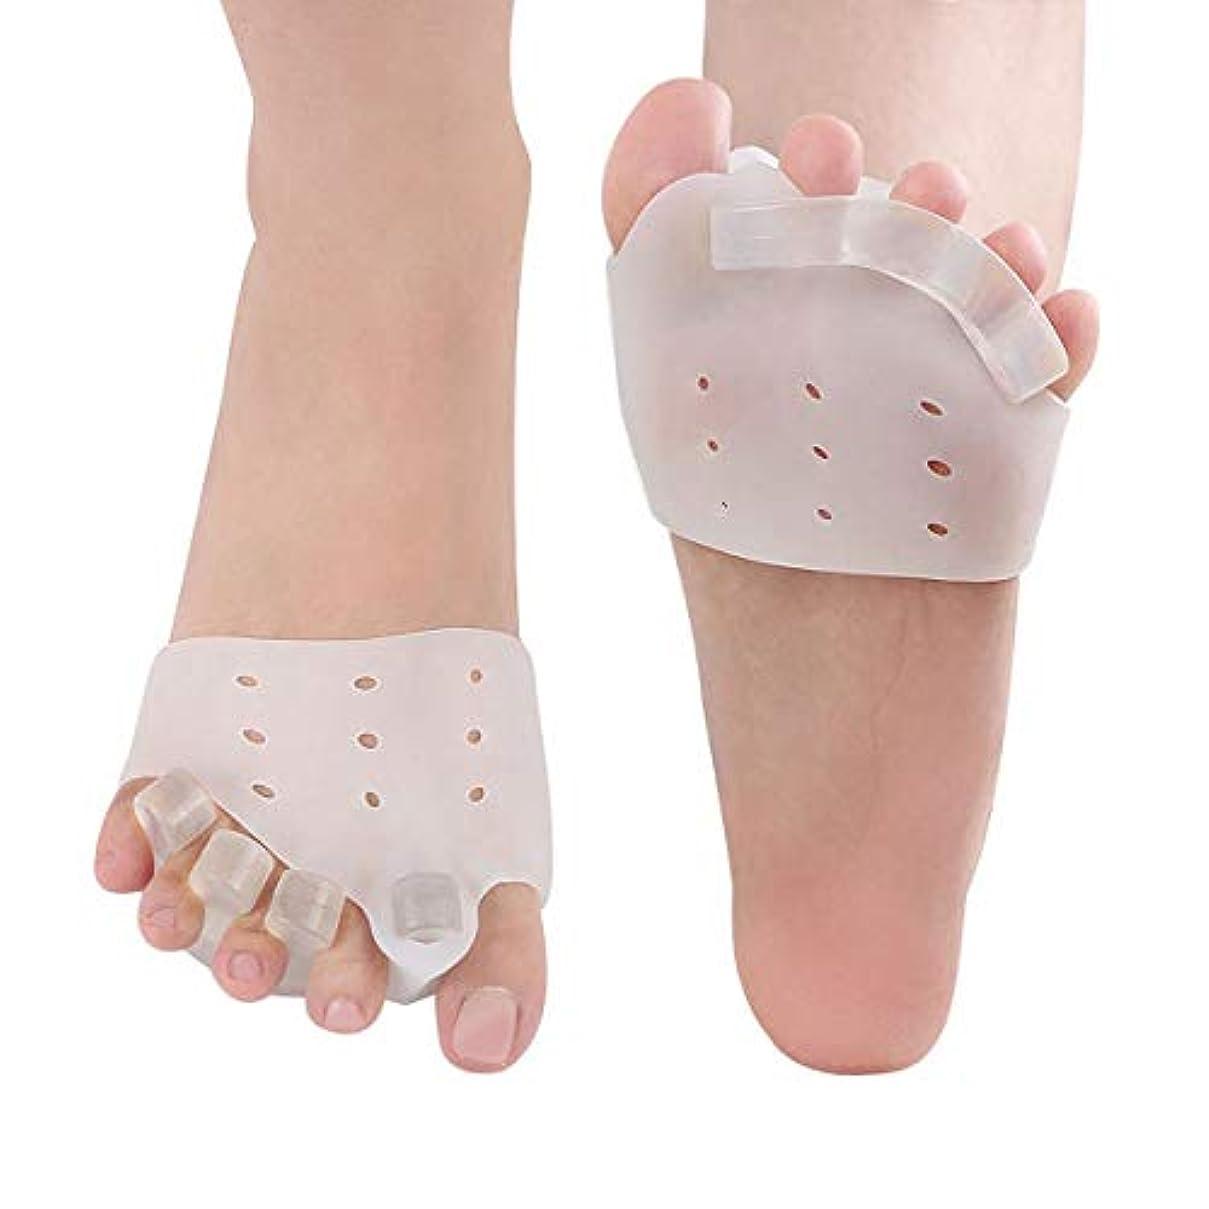 ホイスト明示的に足指パッド セパレーター 矯正 足指を広げる 外反母趾矯正 内反小趾 サポーター 足指矯正パッド 足指分離 足指 シリコンパッド 足用保護パッド 足の痛みを軽減 男女兼用 左右兼用 (左右セット)